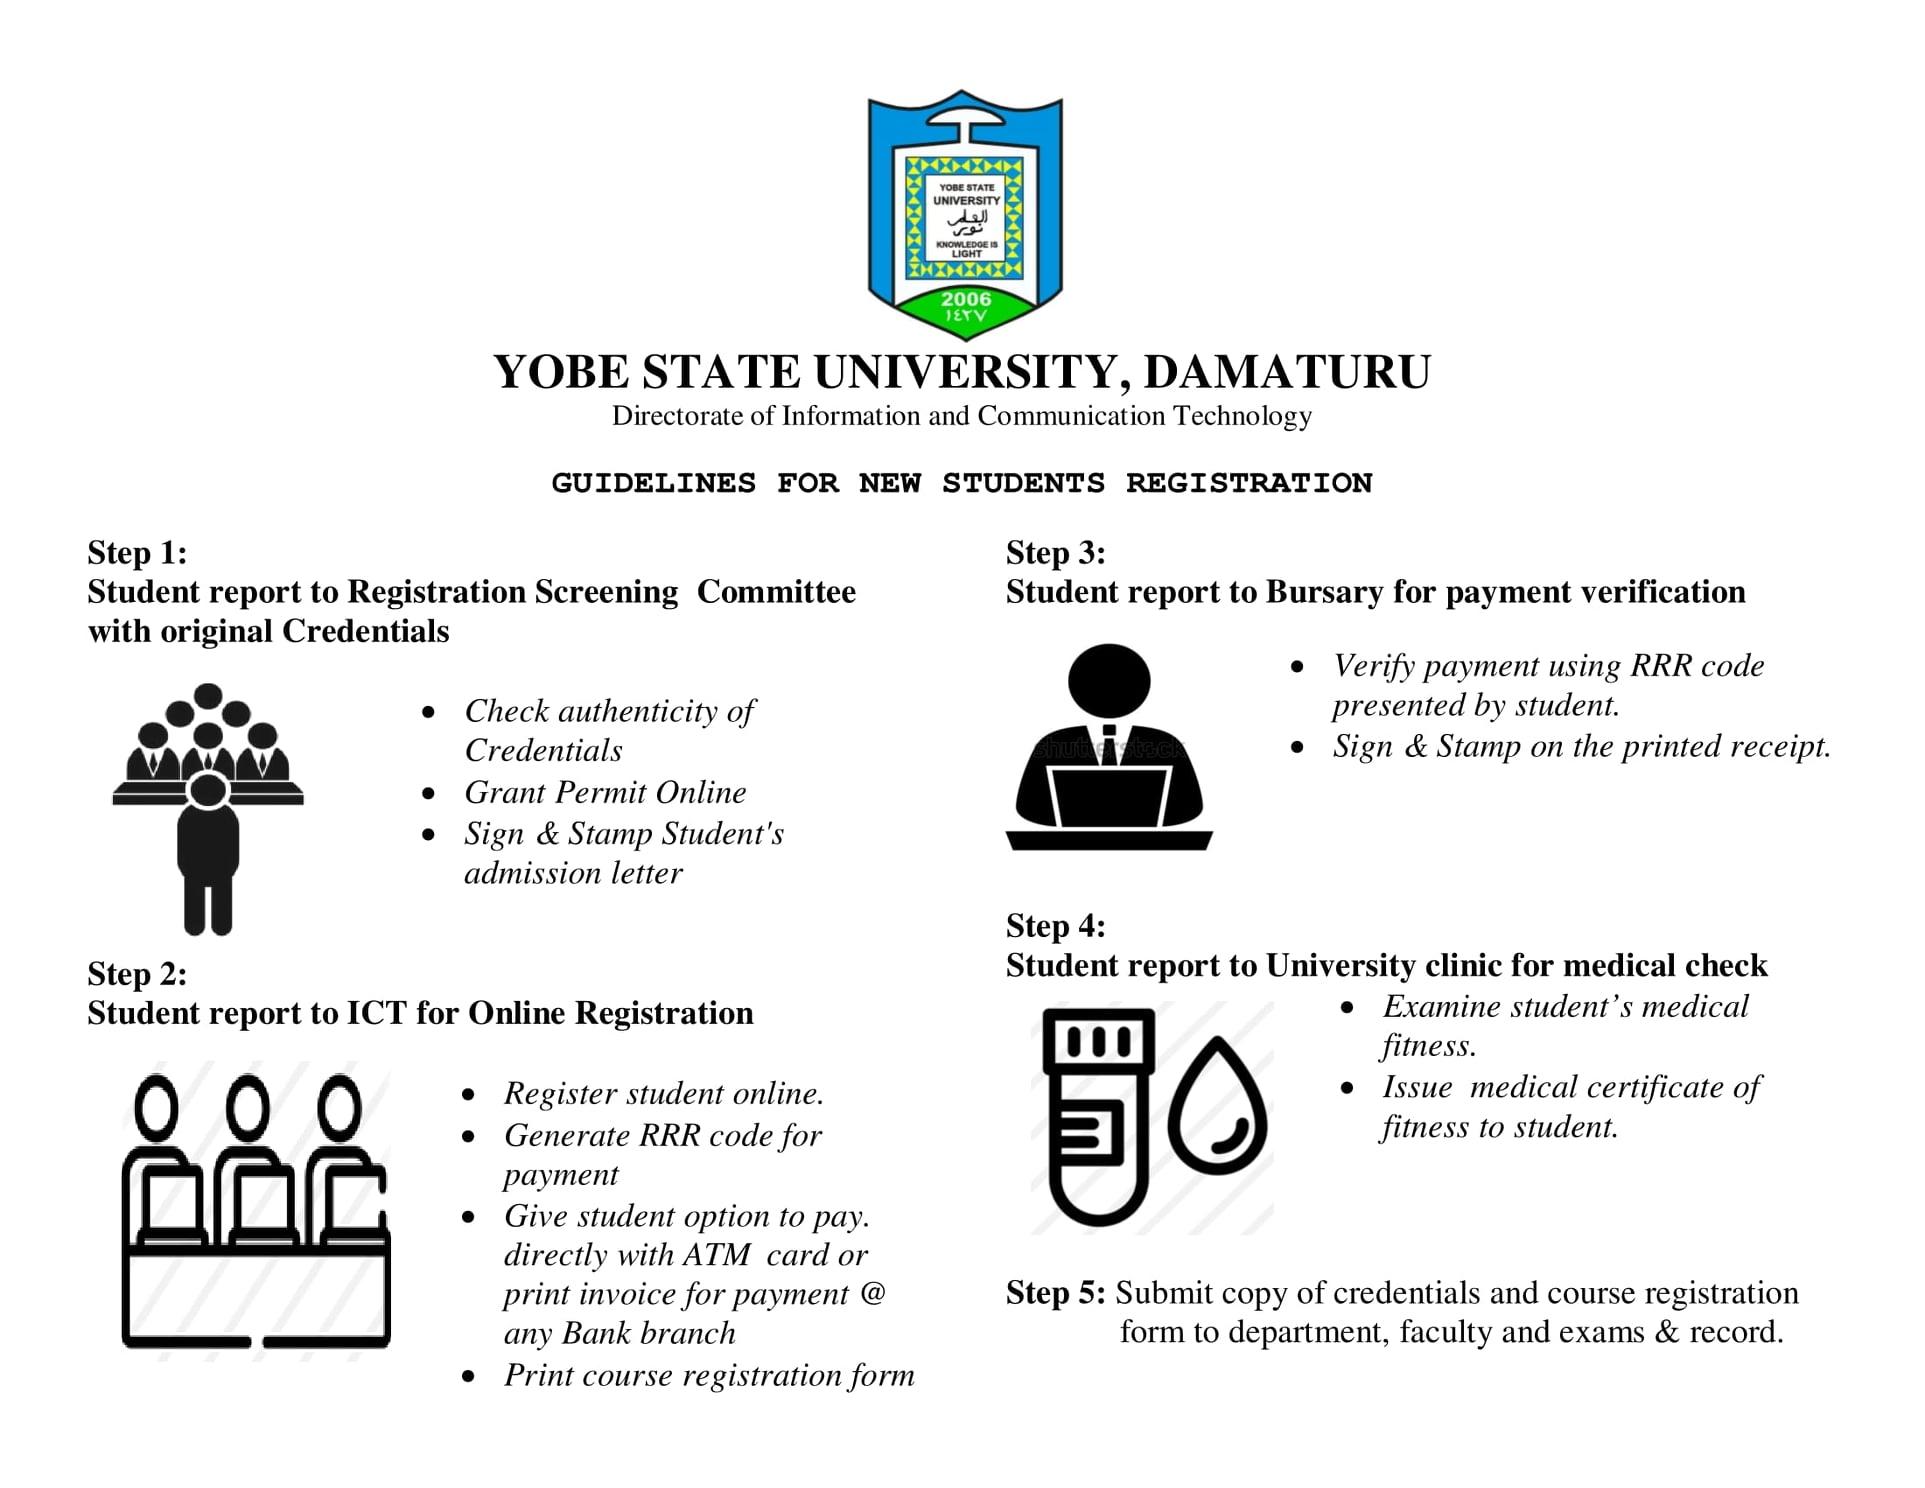 Yobe State University (YSU) Registration Guidelines 2020/2021